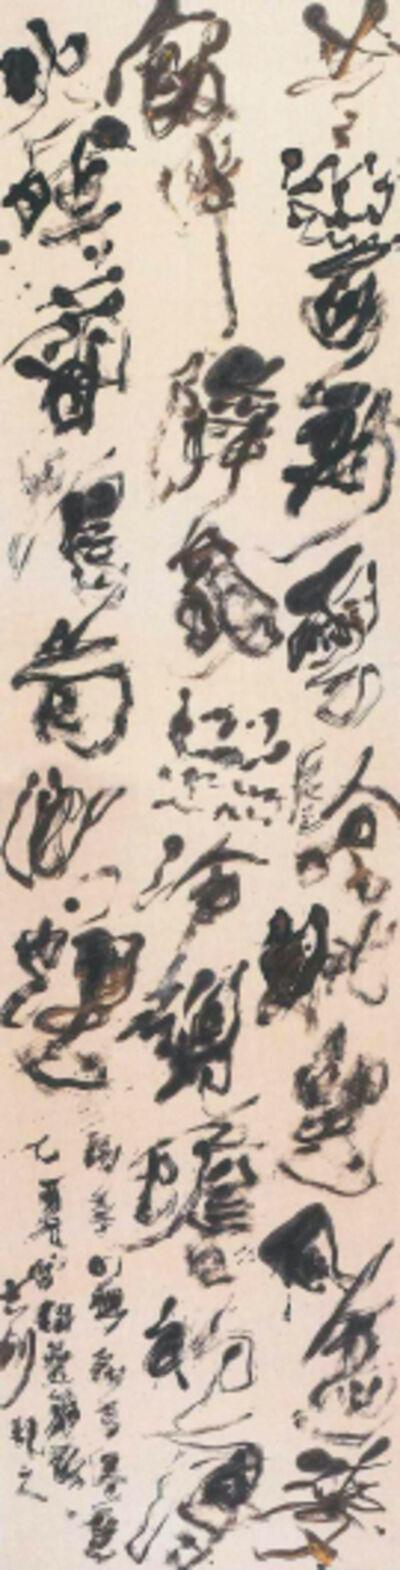 Wei Ligang 魏立刚, 'Qing Hai Zhan Yun', 2005